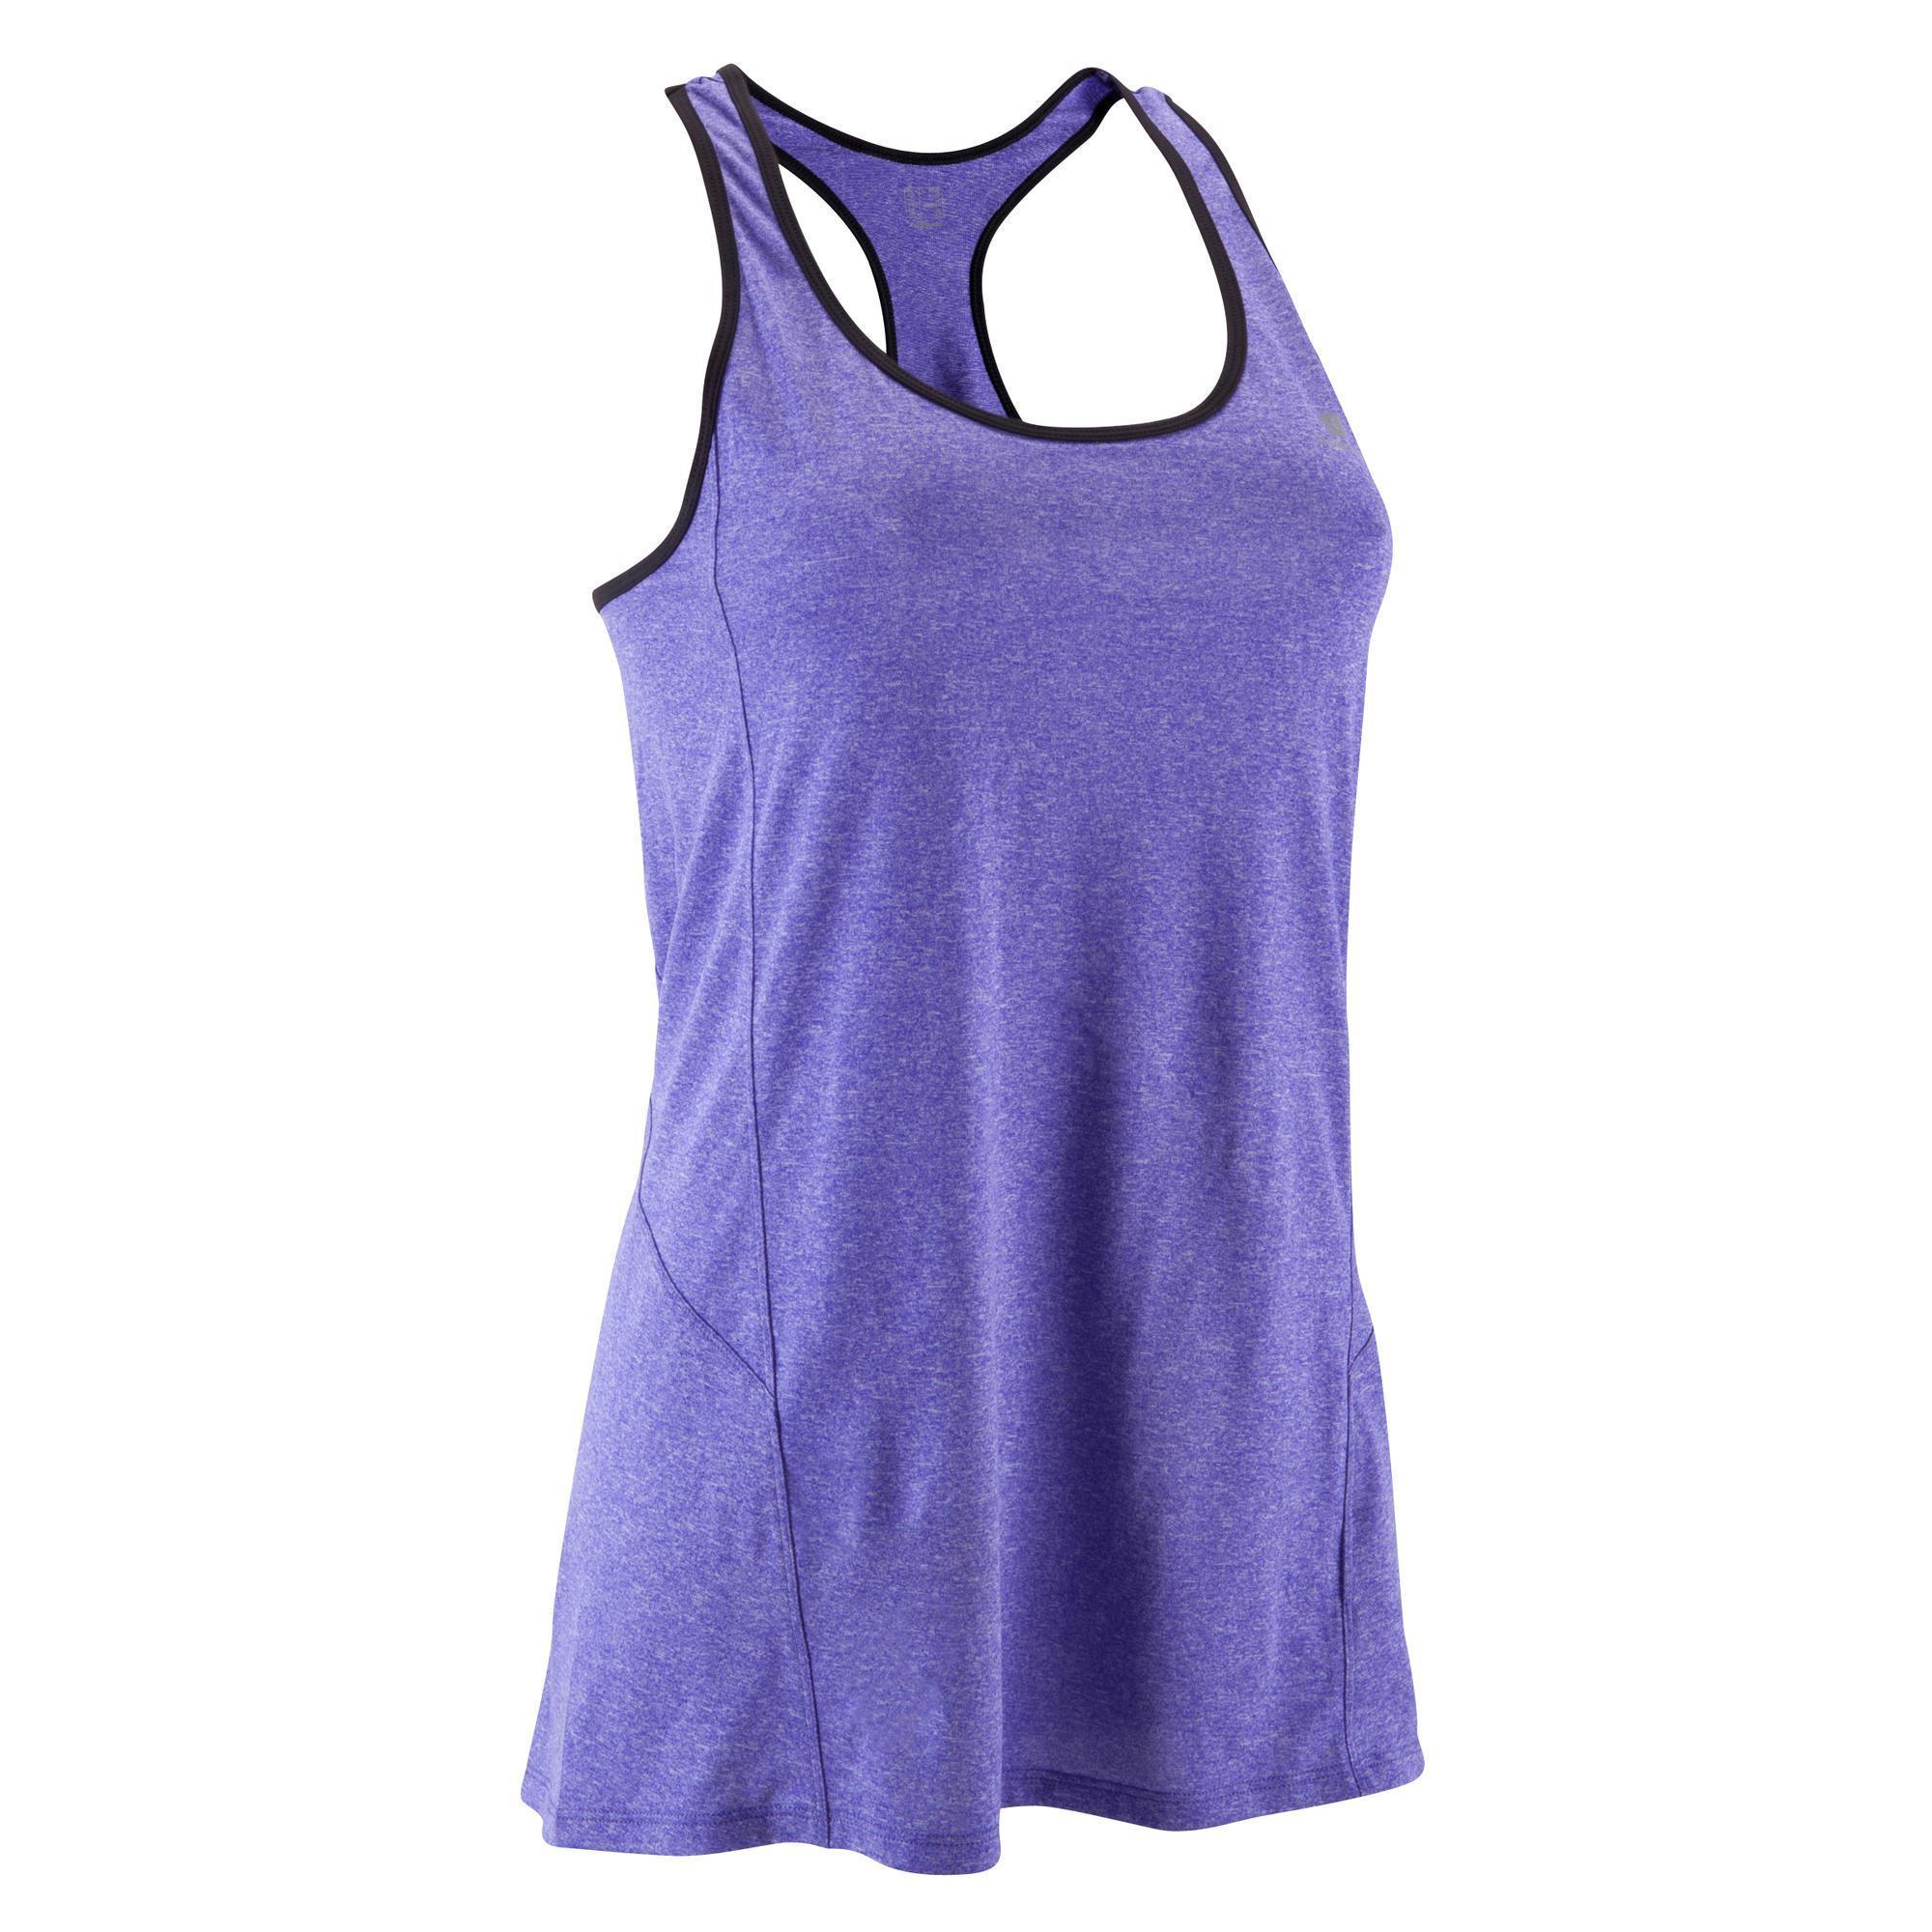 Muscolare By Fitness DonnaDomyos Tonificazione E Abbigliamento XiPTkZuO